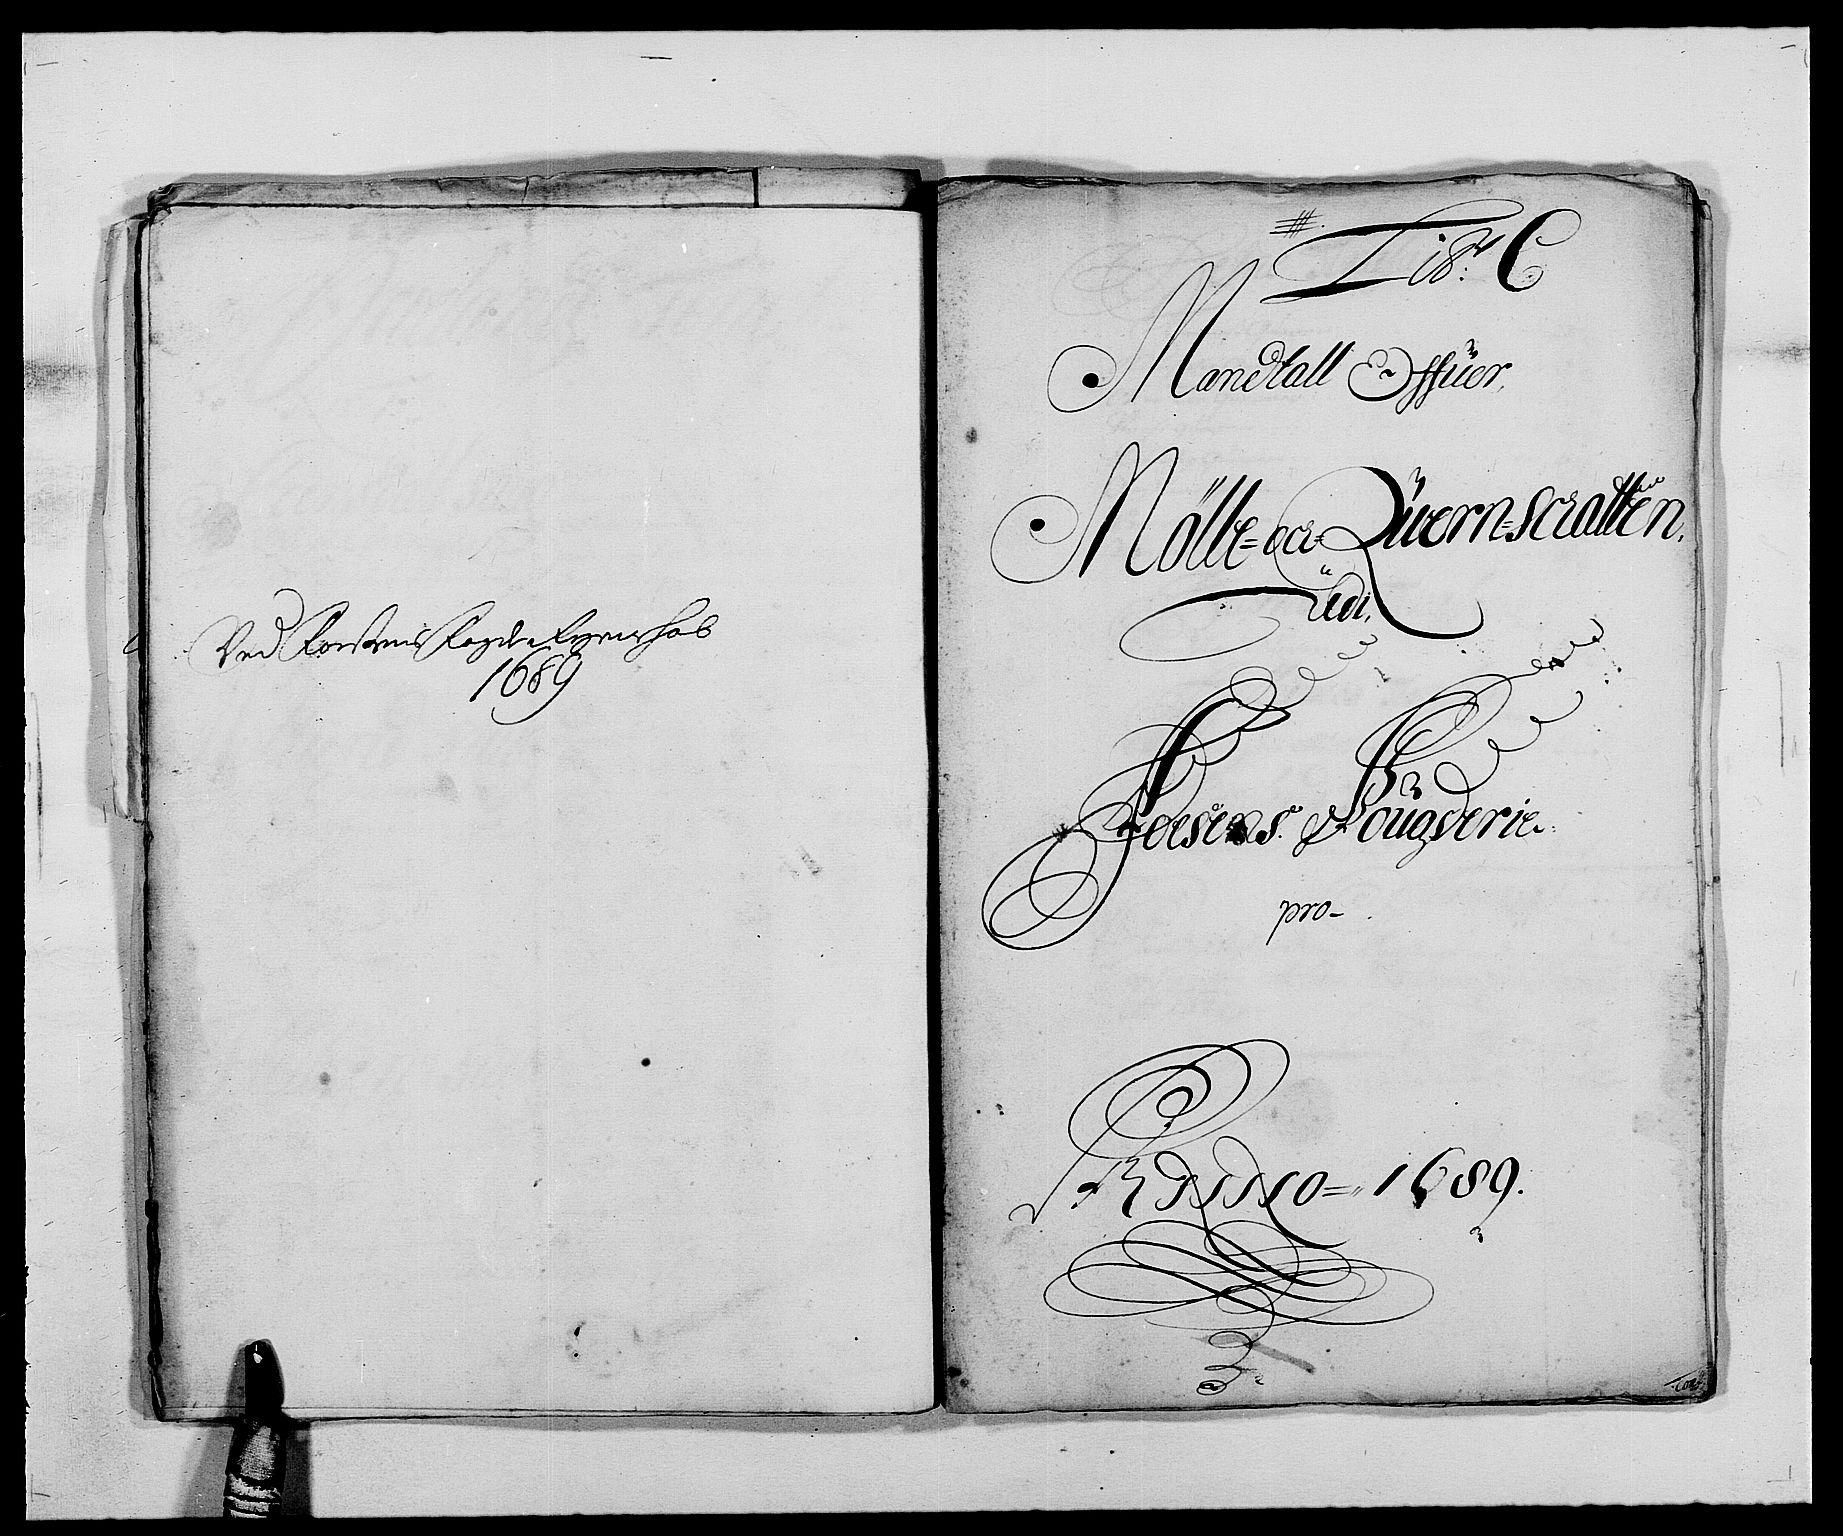 RA, Rentekammeret inntil 1814, Reviderte regnskaper, Fogderegnskap, R57/L3847: Fogderegnskap Fosen, 1689, s. 26